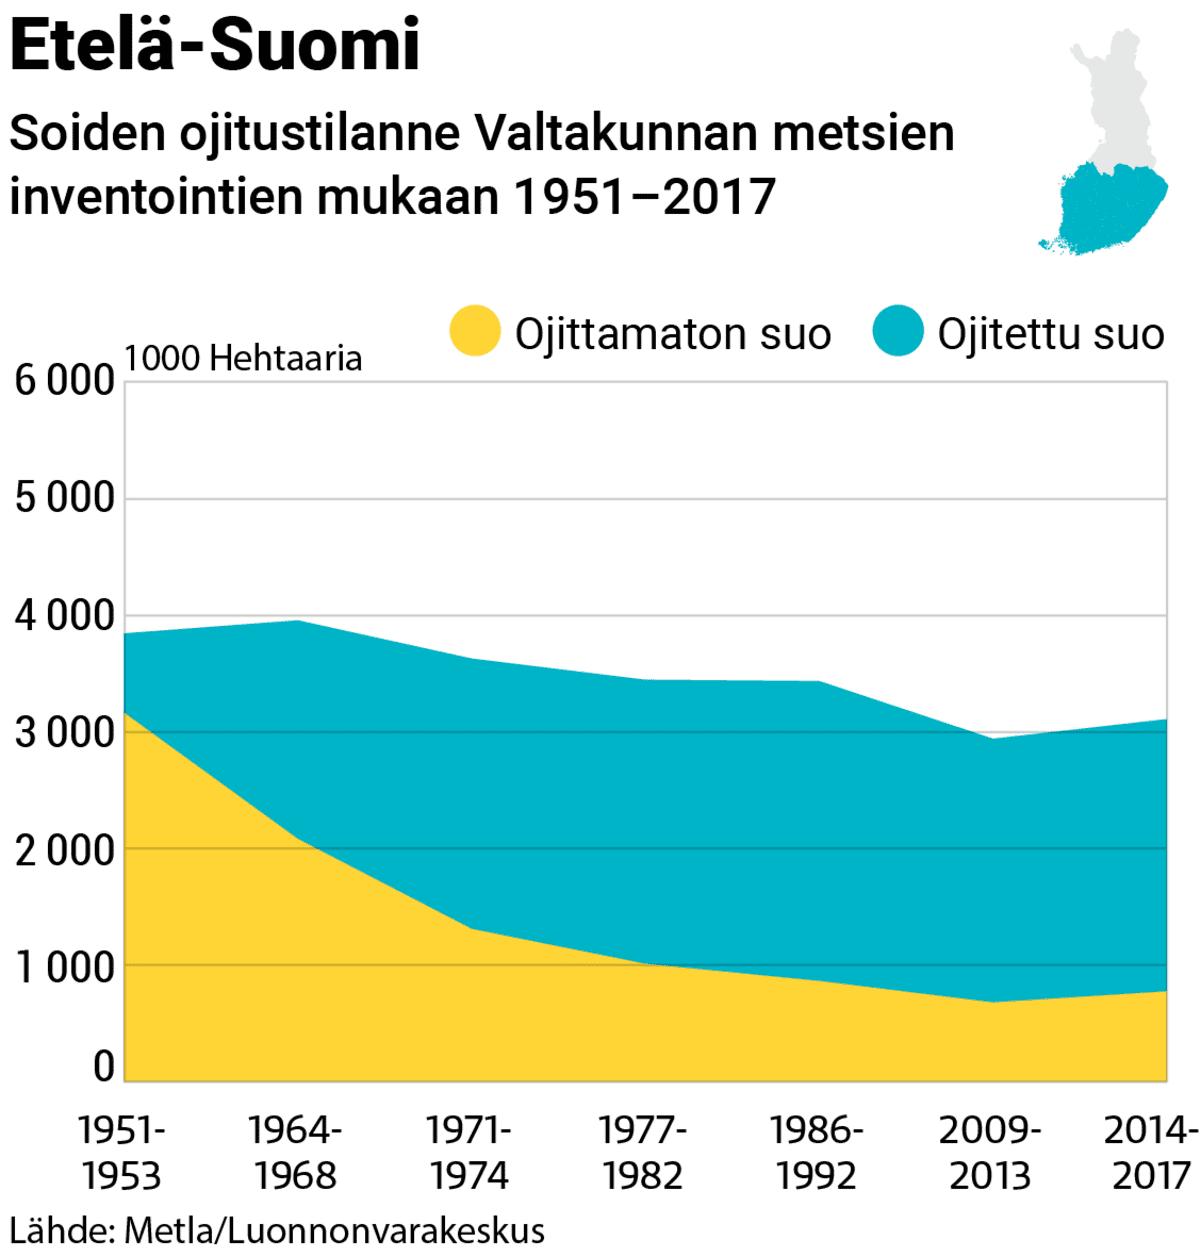 Grafiikka soiden ojitustilanteesta Etelä-Suomessa 1951-2017